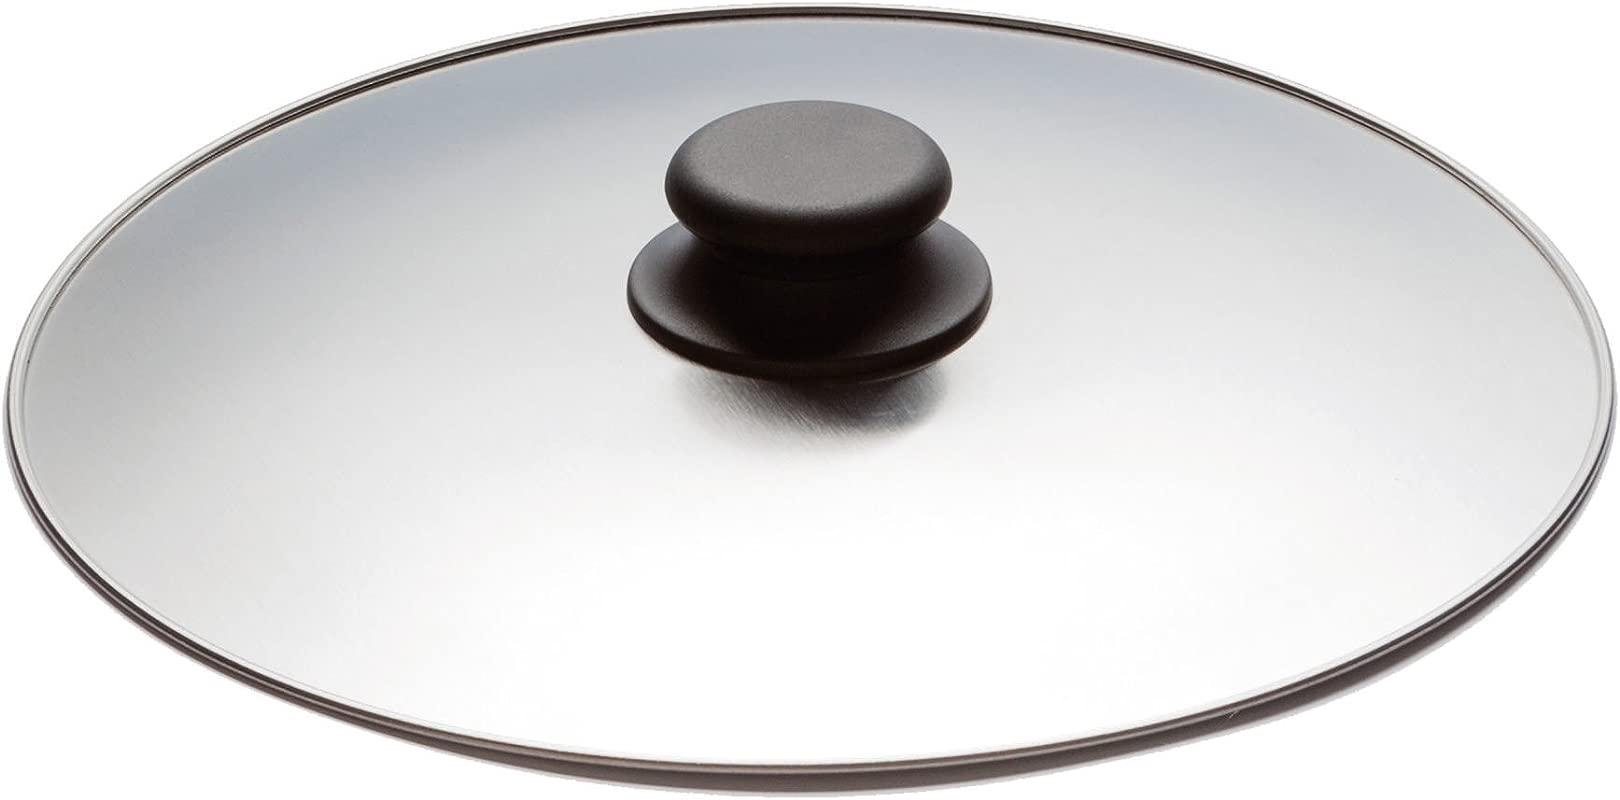 Inoxibar Spanish Omelette Flipper Lid 30cm Diameter Stainless Steel